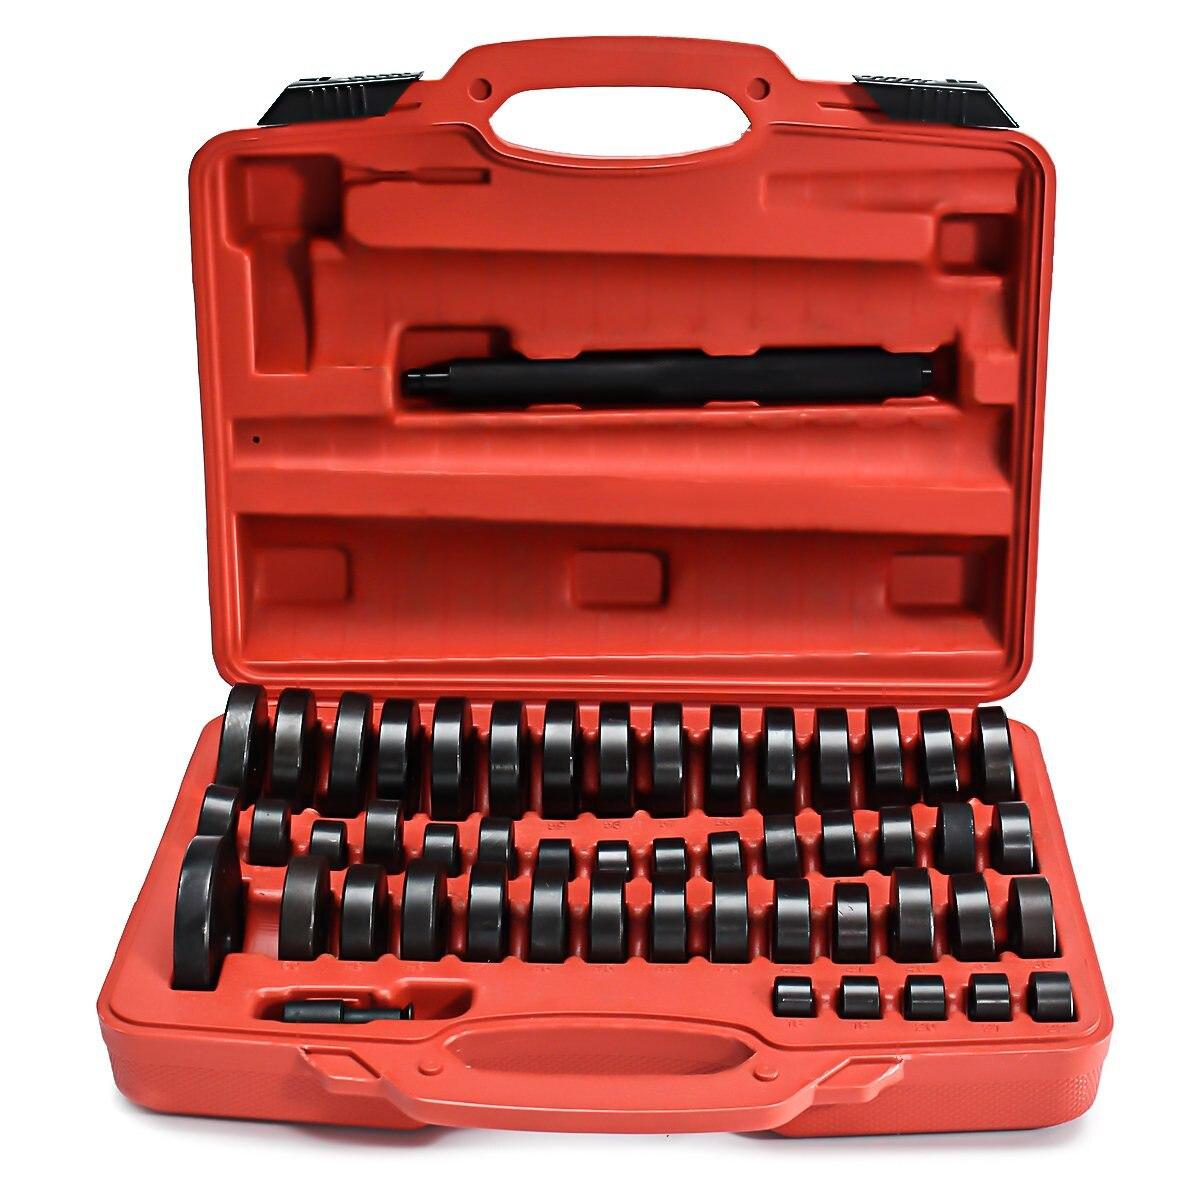 51 шт./компл. уплотнение подшипника драйвер Push набор выпрессовок инструмент для ремонта автомобиля из специальной углеродистой стали